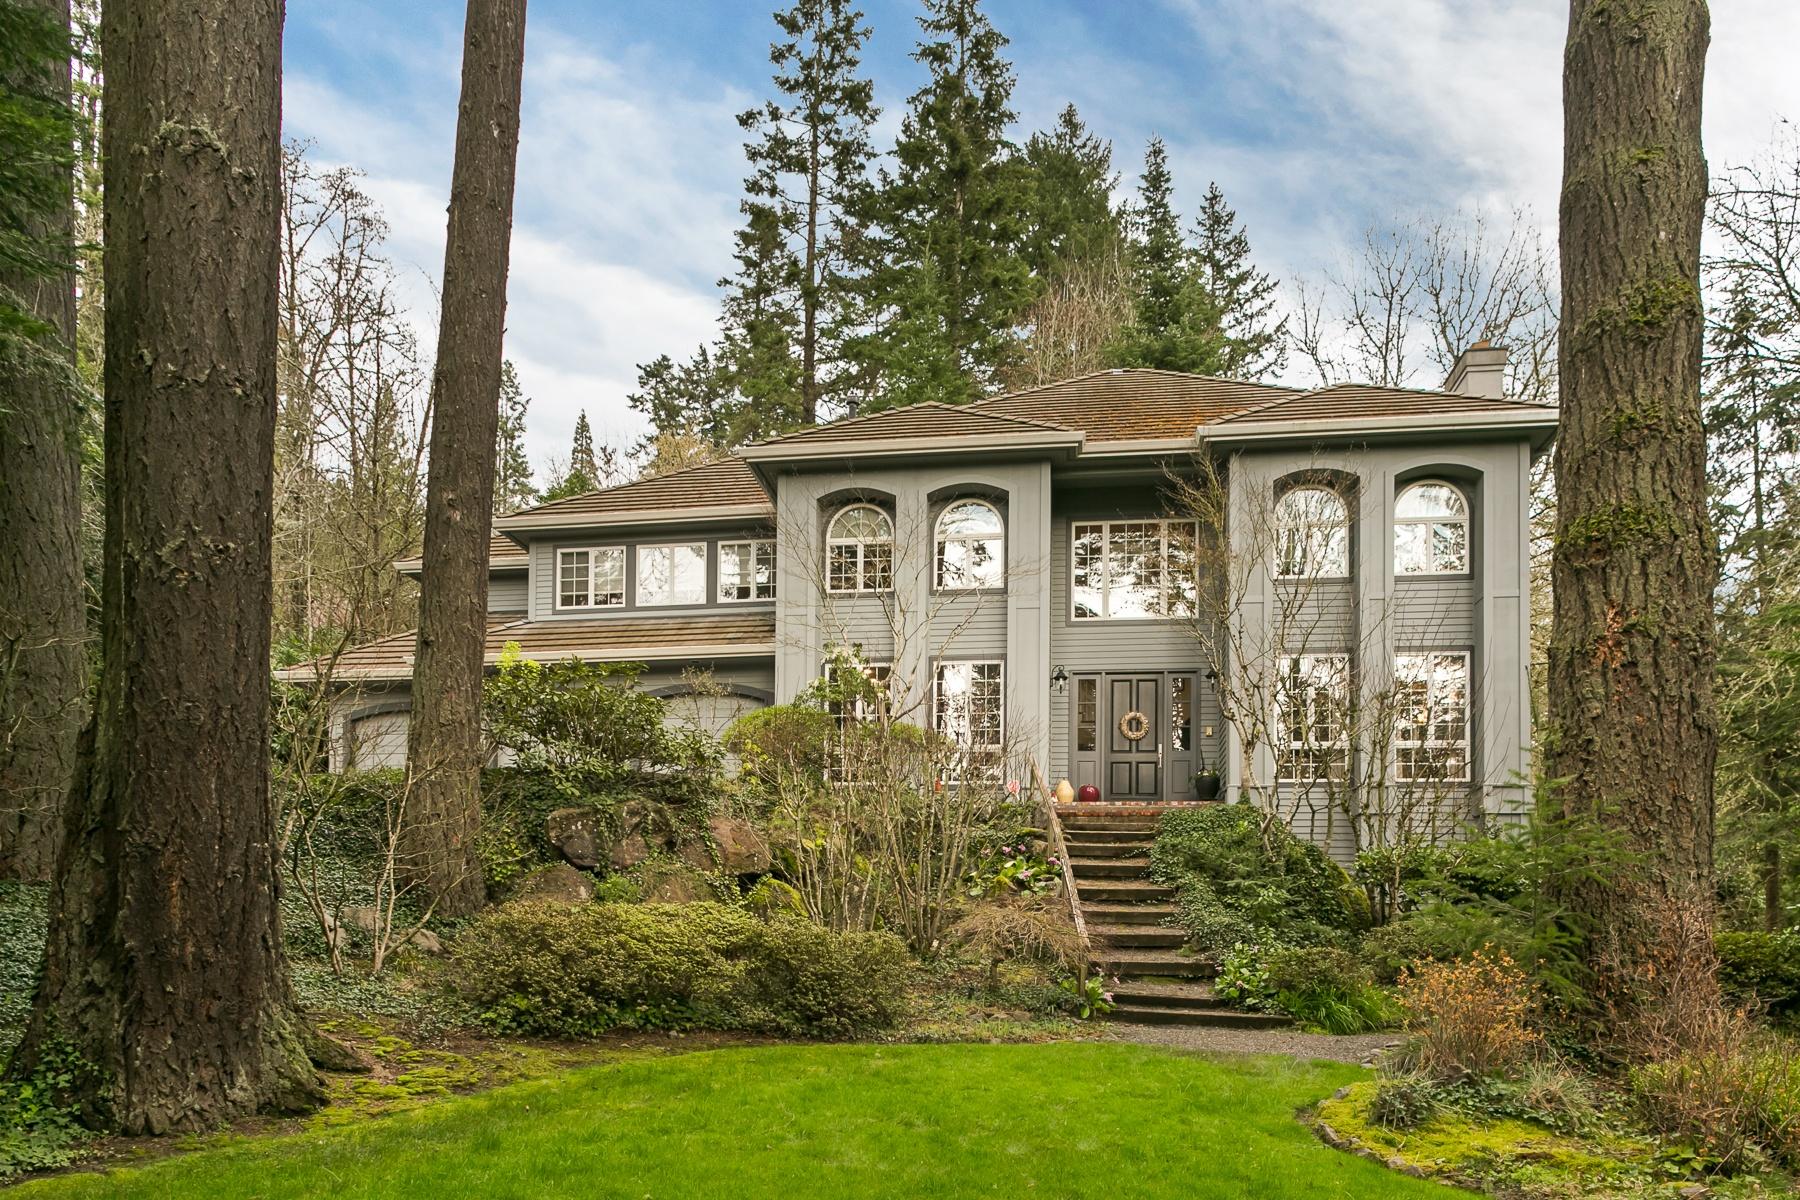 独户住宅 为 销售 在 13255 SW IRON MOUNTAIN BLVD, PORTLAND 波特兰, 俄勒冈州, 97219 美国